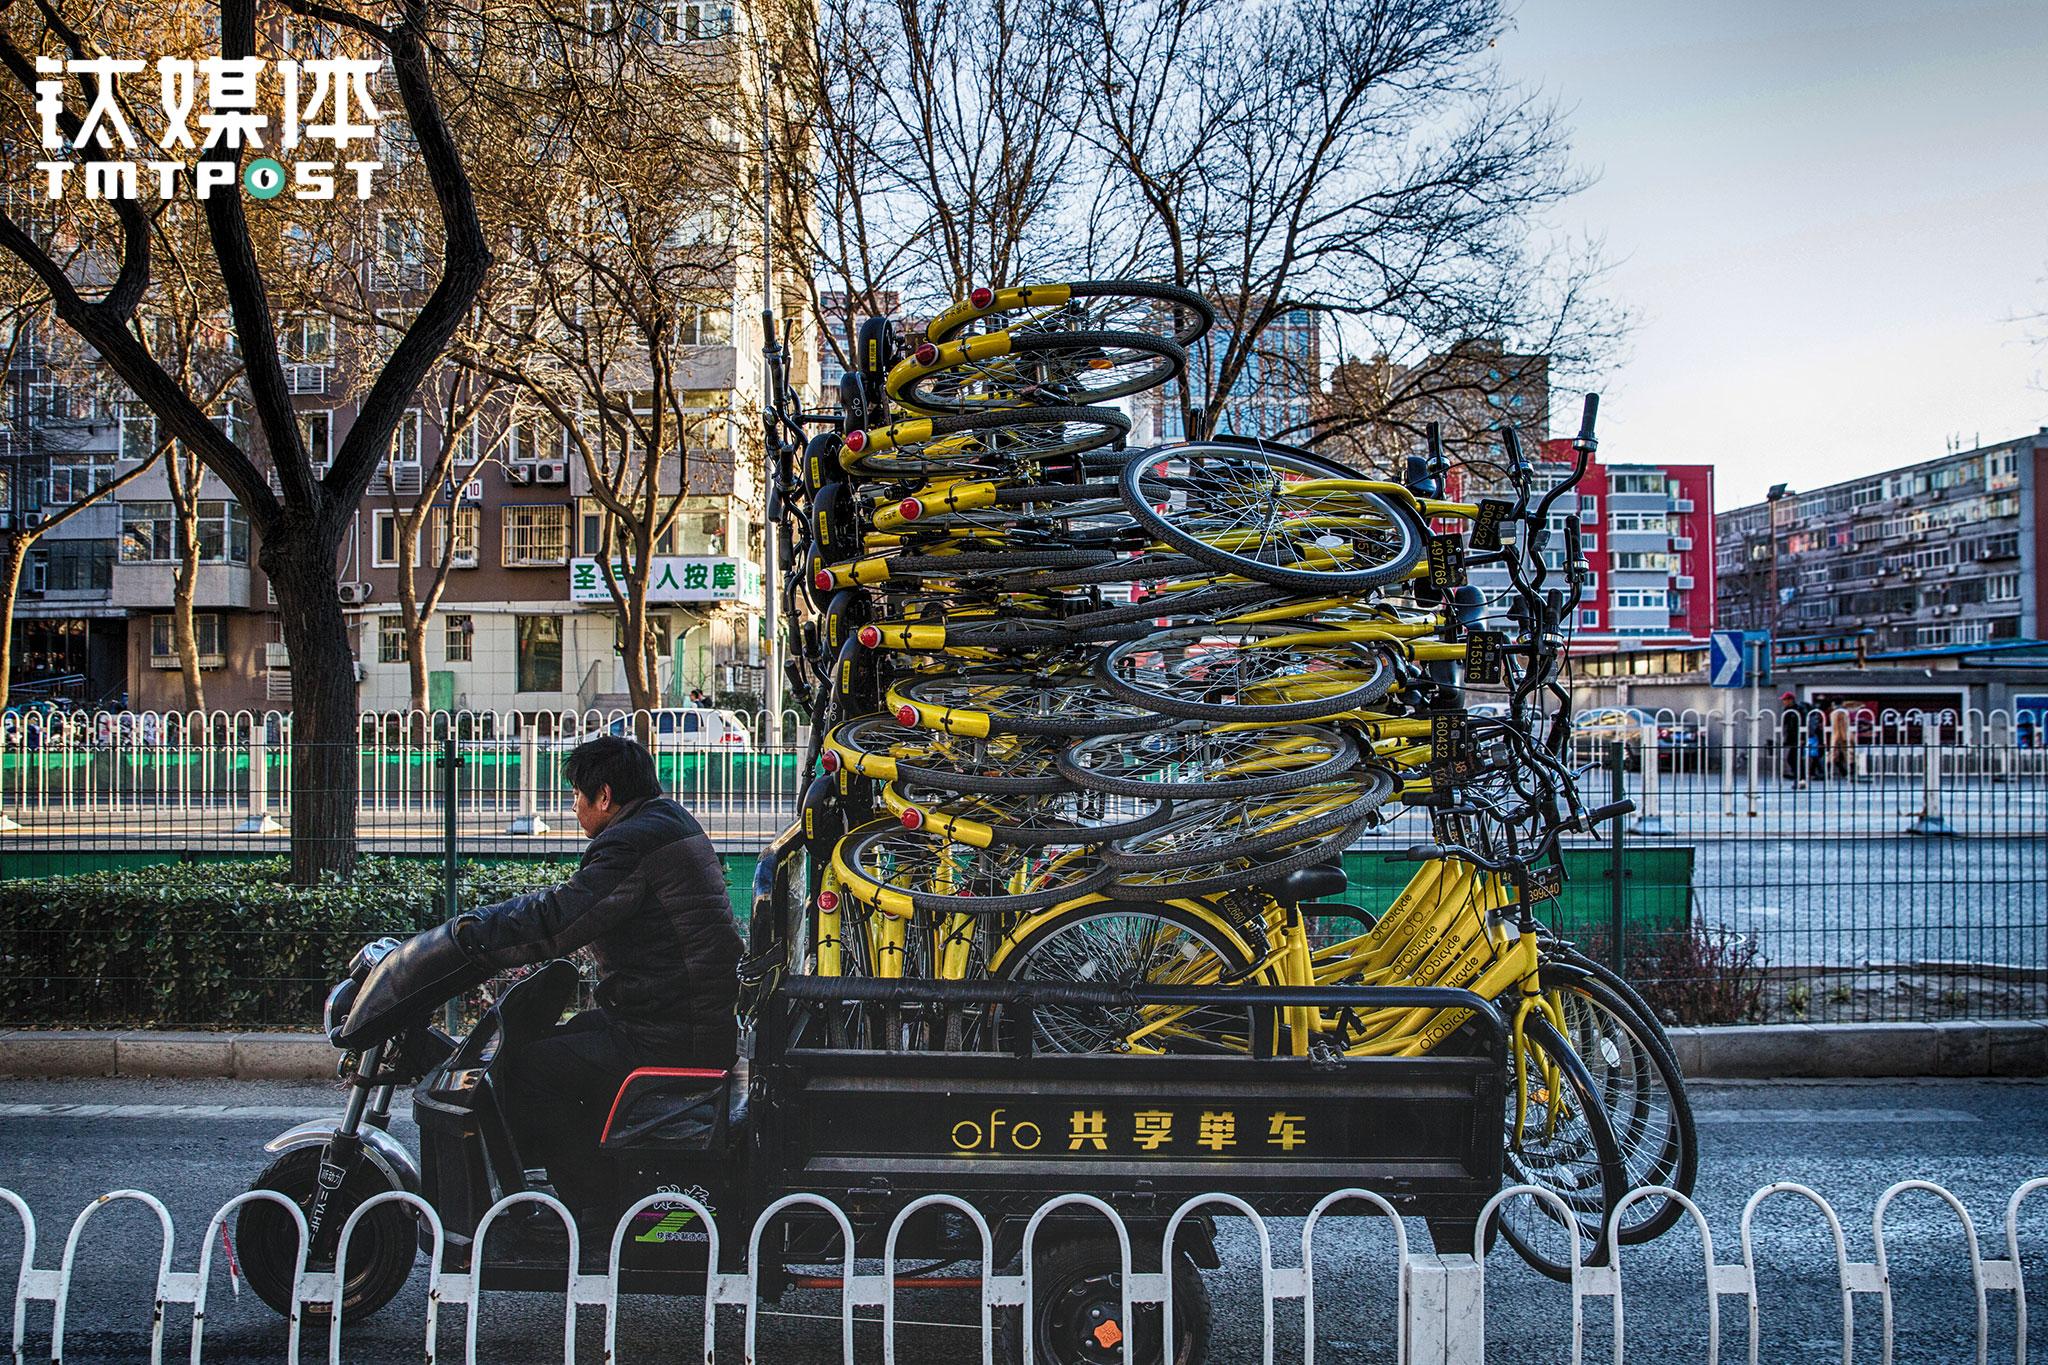 2016年12月15日,北京海淀,ofo一名工作人员用三轮运送小黄车。ofo创立于大学校园,2016年11月开启城市服务,截止2017年2月,该公司对外宣布已经覆盖了国内35座城市。3月1日,ofo对外宣布完成D轮4.5亿美元融资。